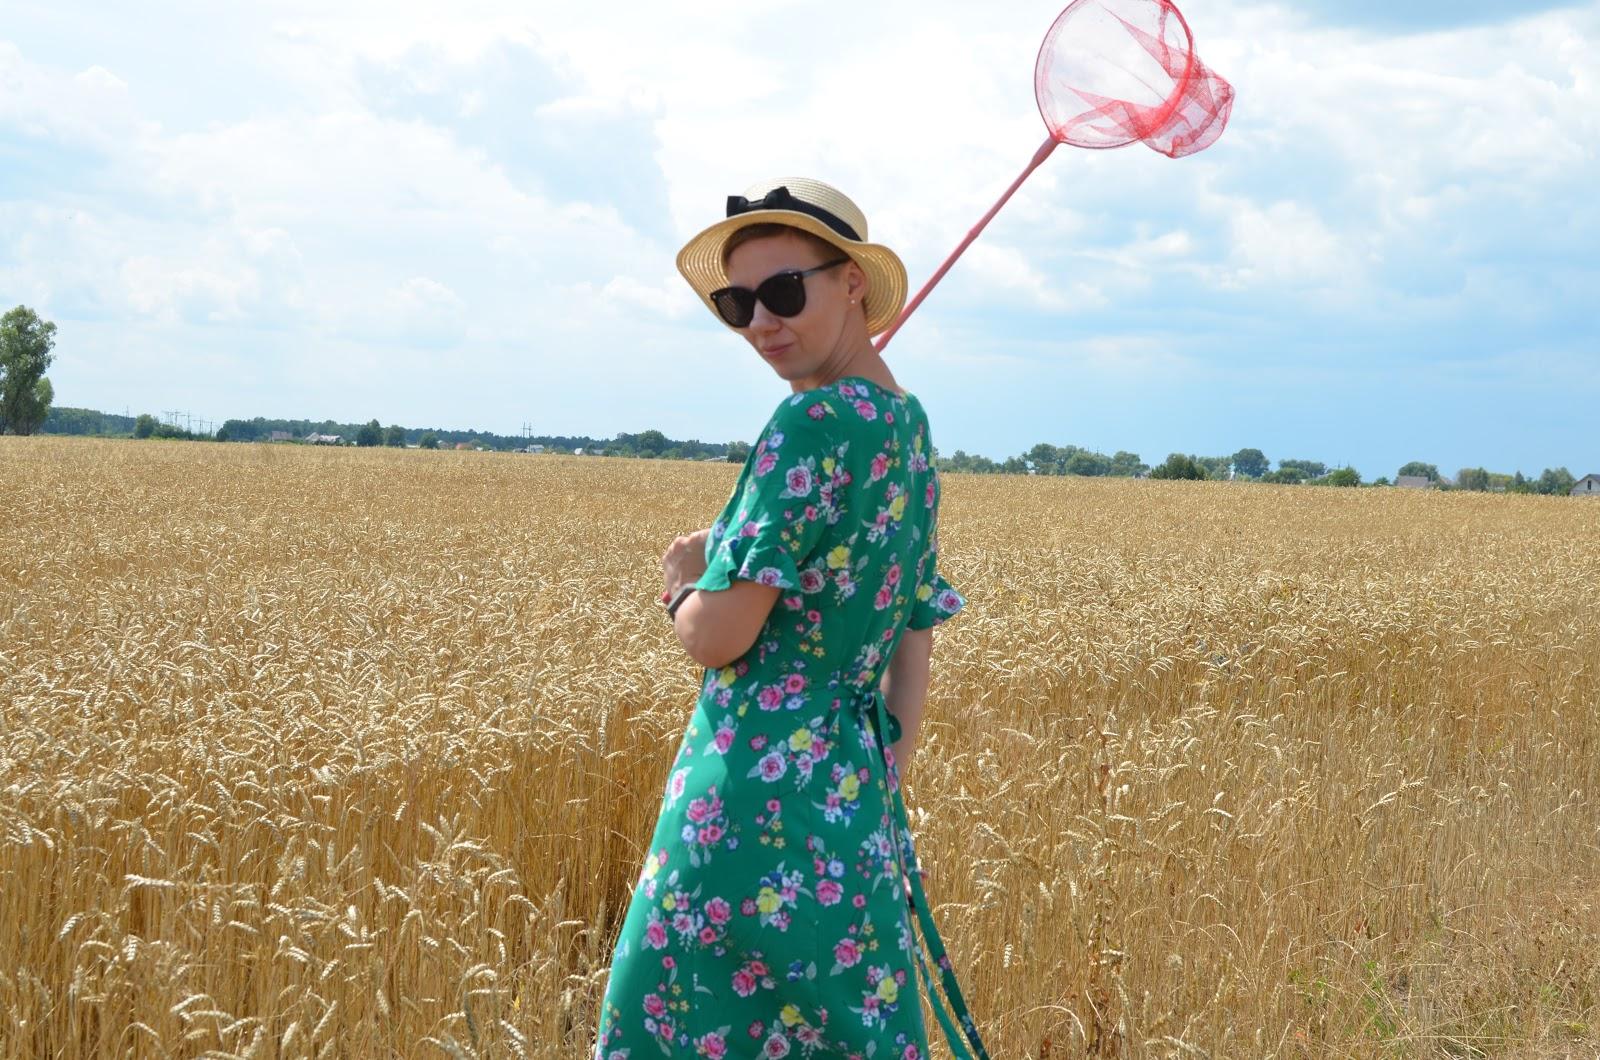 Shopping with Bonprix. Summer outfits. Покупка одежды Bonprix.ua. Отзывы, обзор, очень много фото.